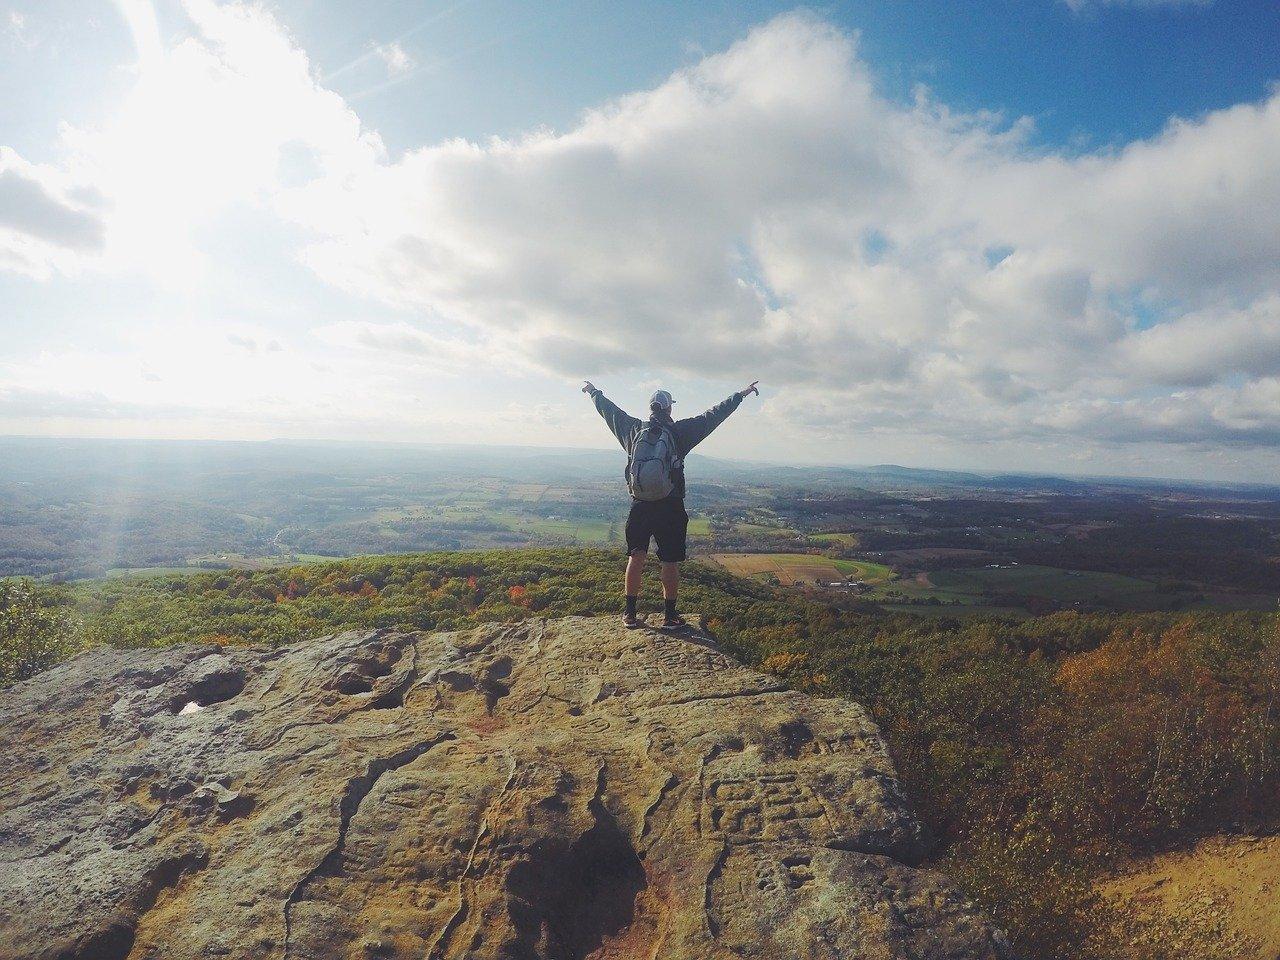 hiking, mountain, climbing mountain